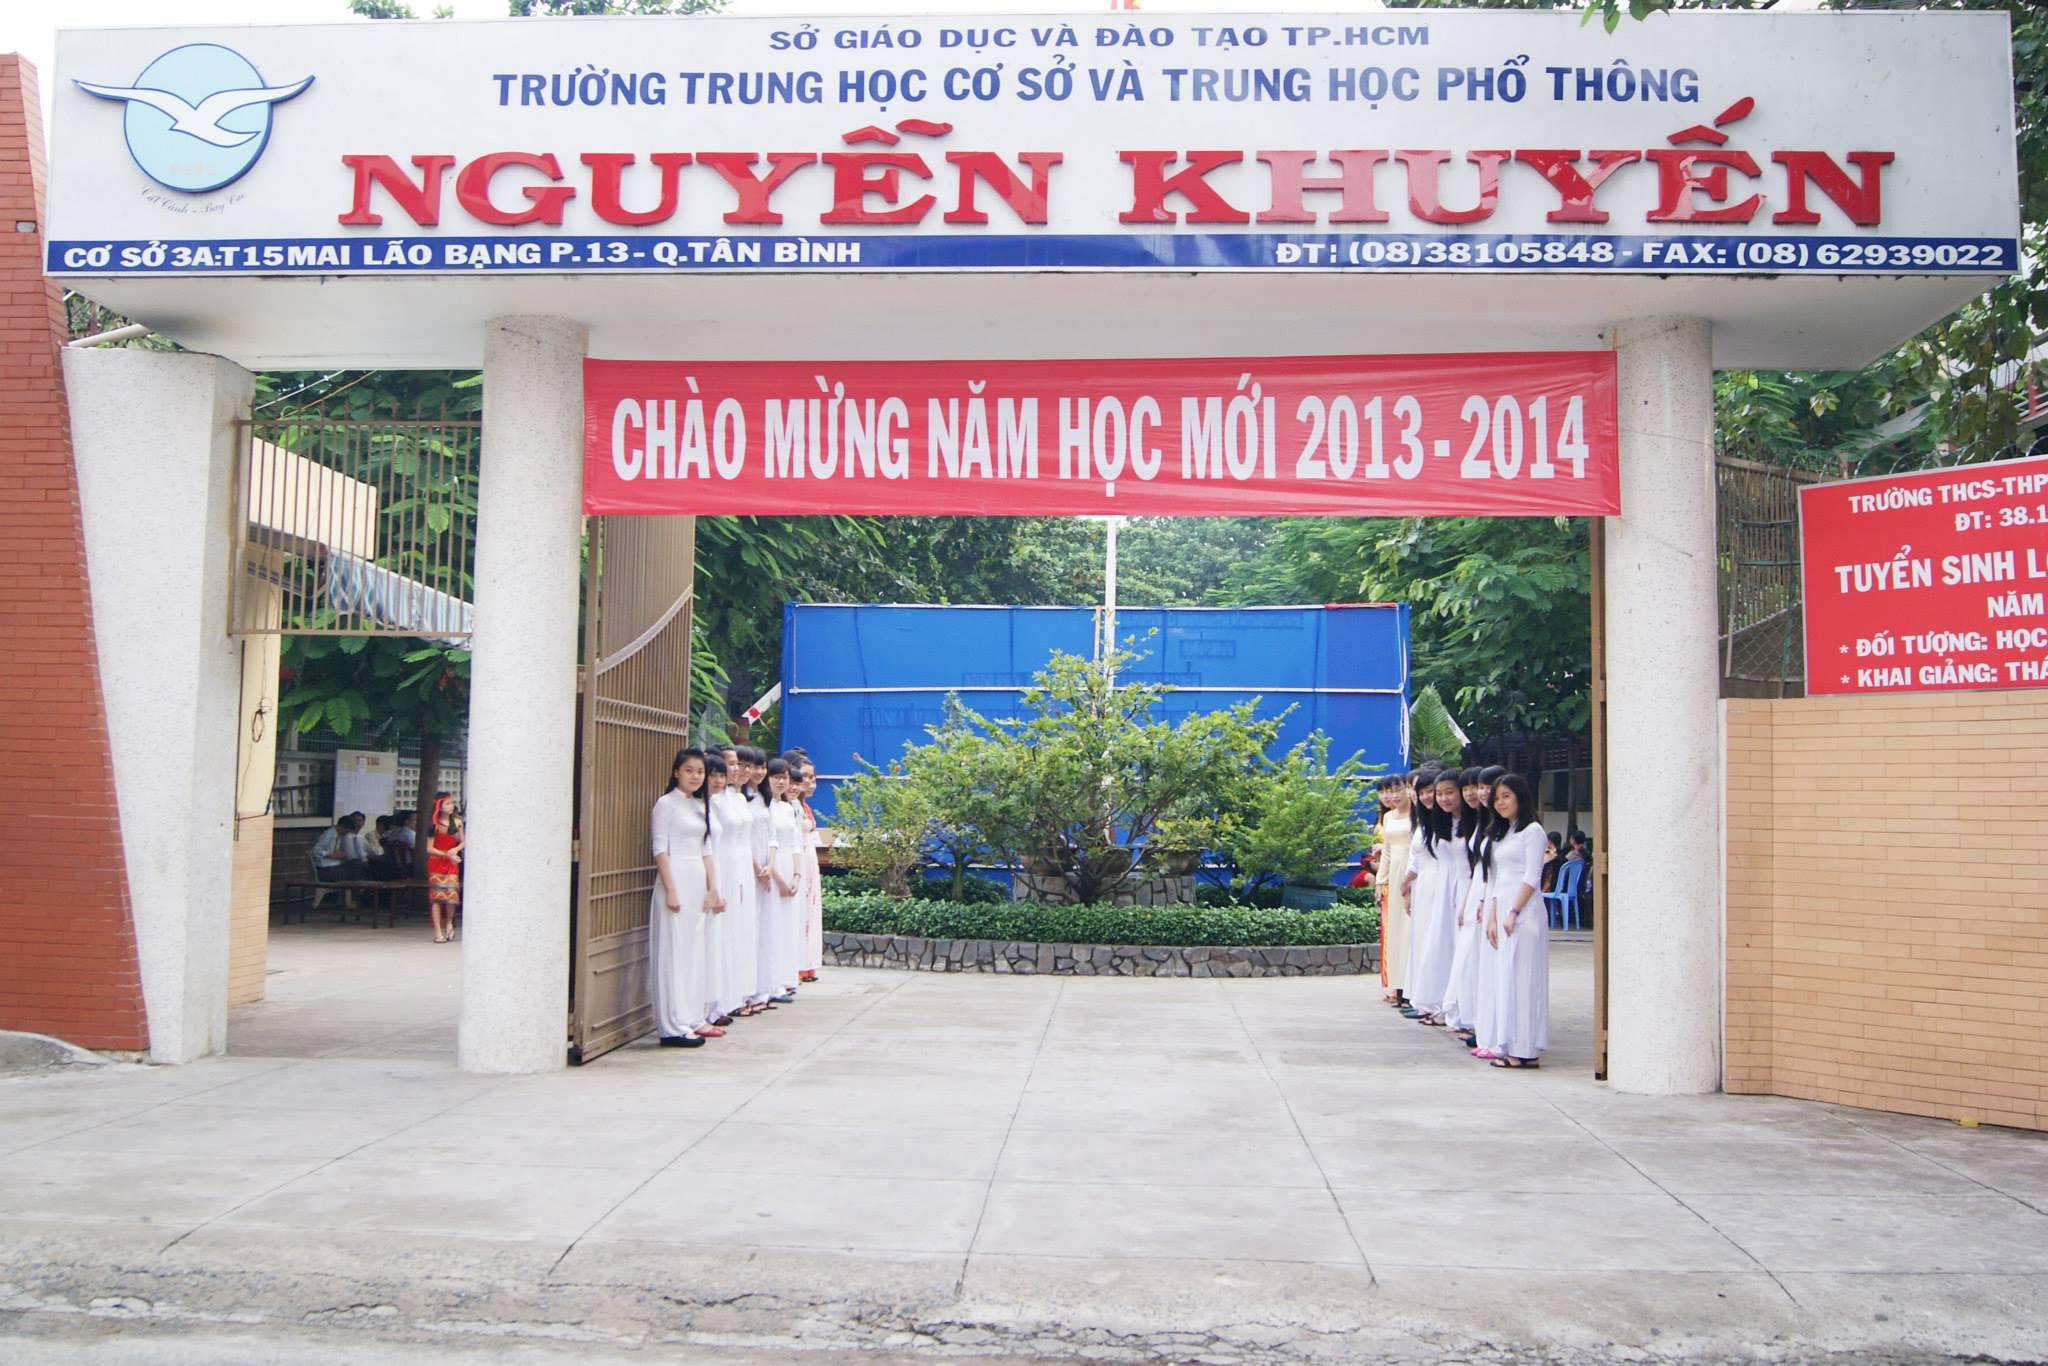 1273898 362879093843928 1332240599 o - Áo thun lớp 11D12 - THPT Nguyễn Khuyến - CS4